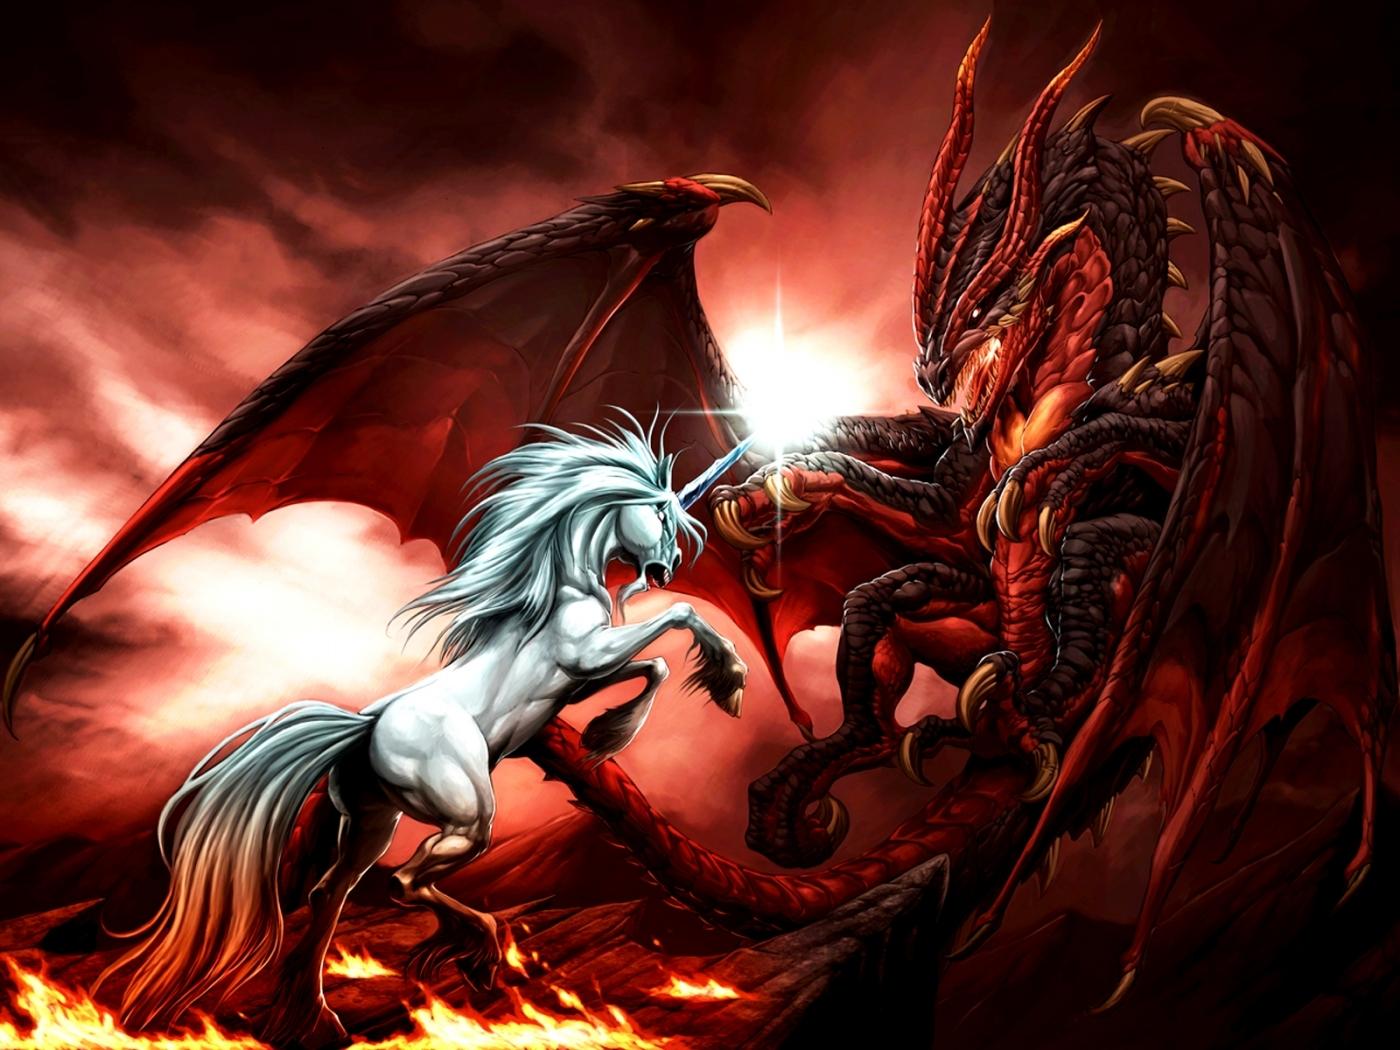 42589 Hintergrundbild herunterladen Unicorns, Bilder - Bildschirmschoner und Bilder kostenlos